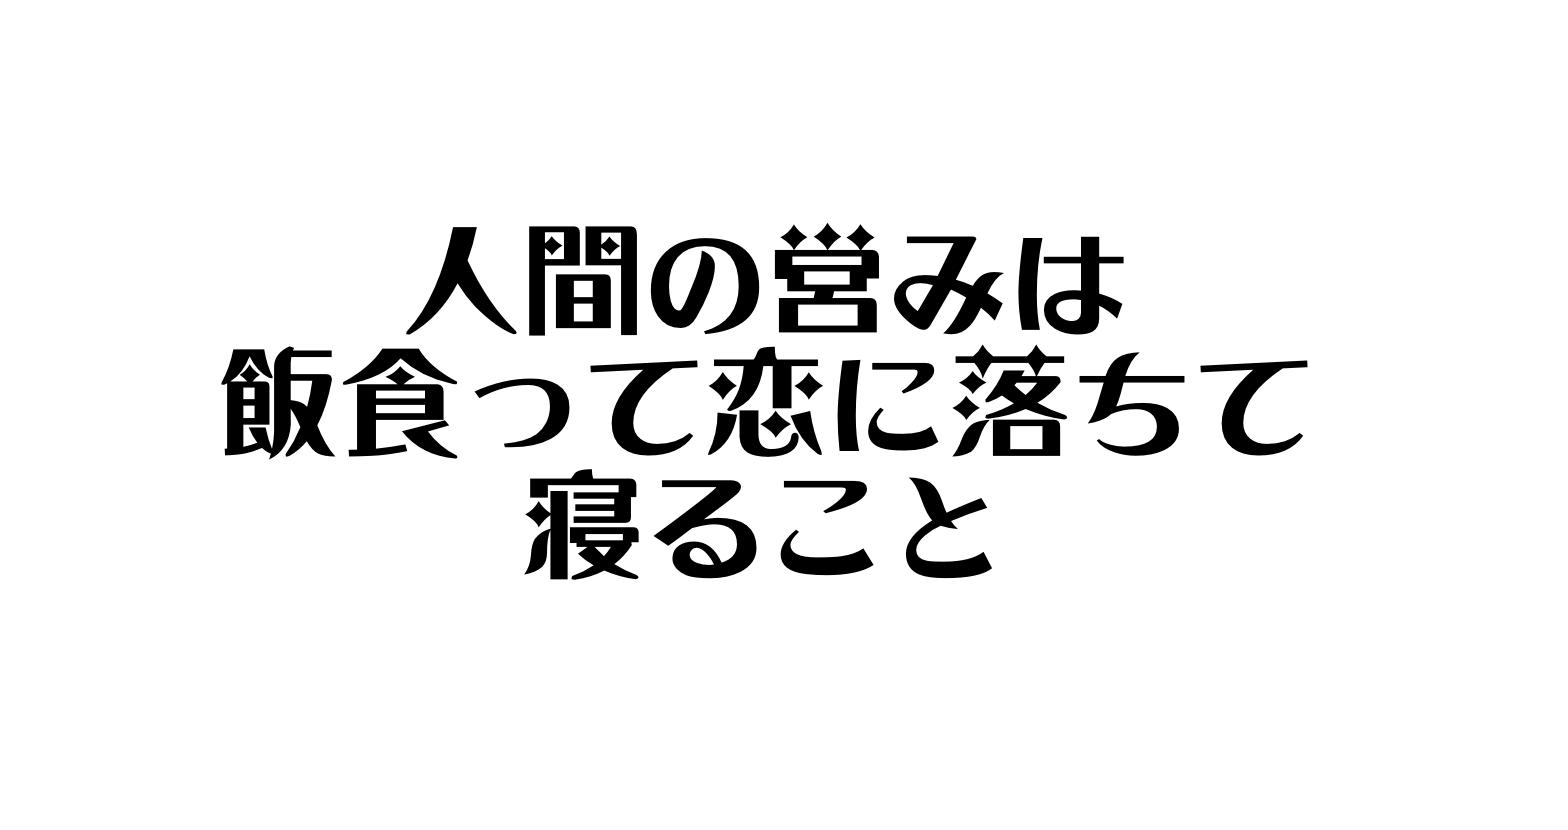 スクリーンショット 2018-12-27 14.46.59